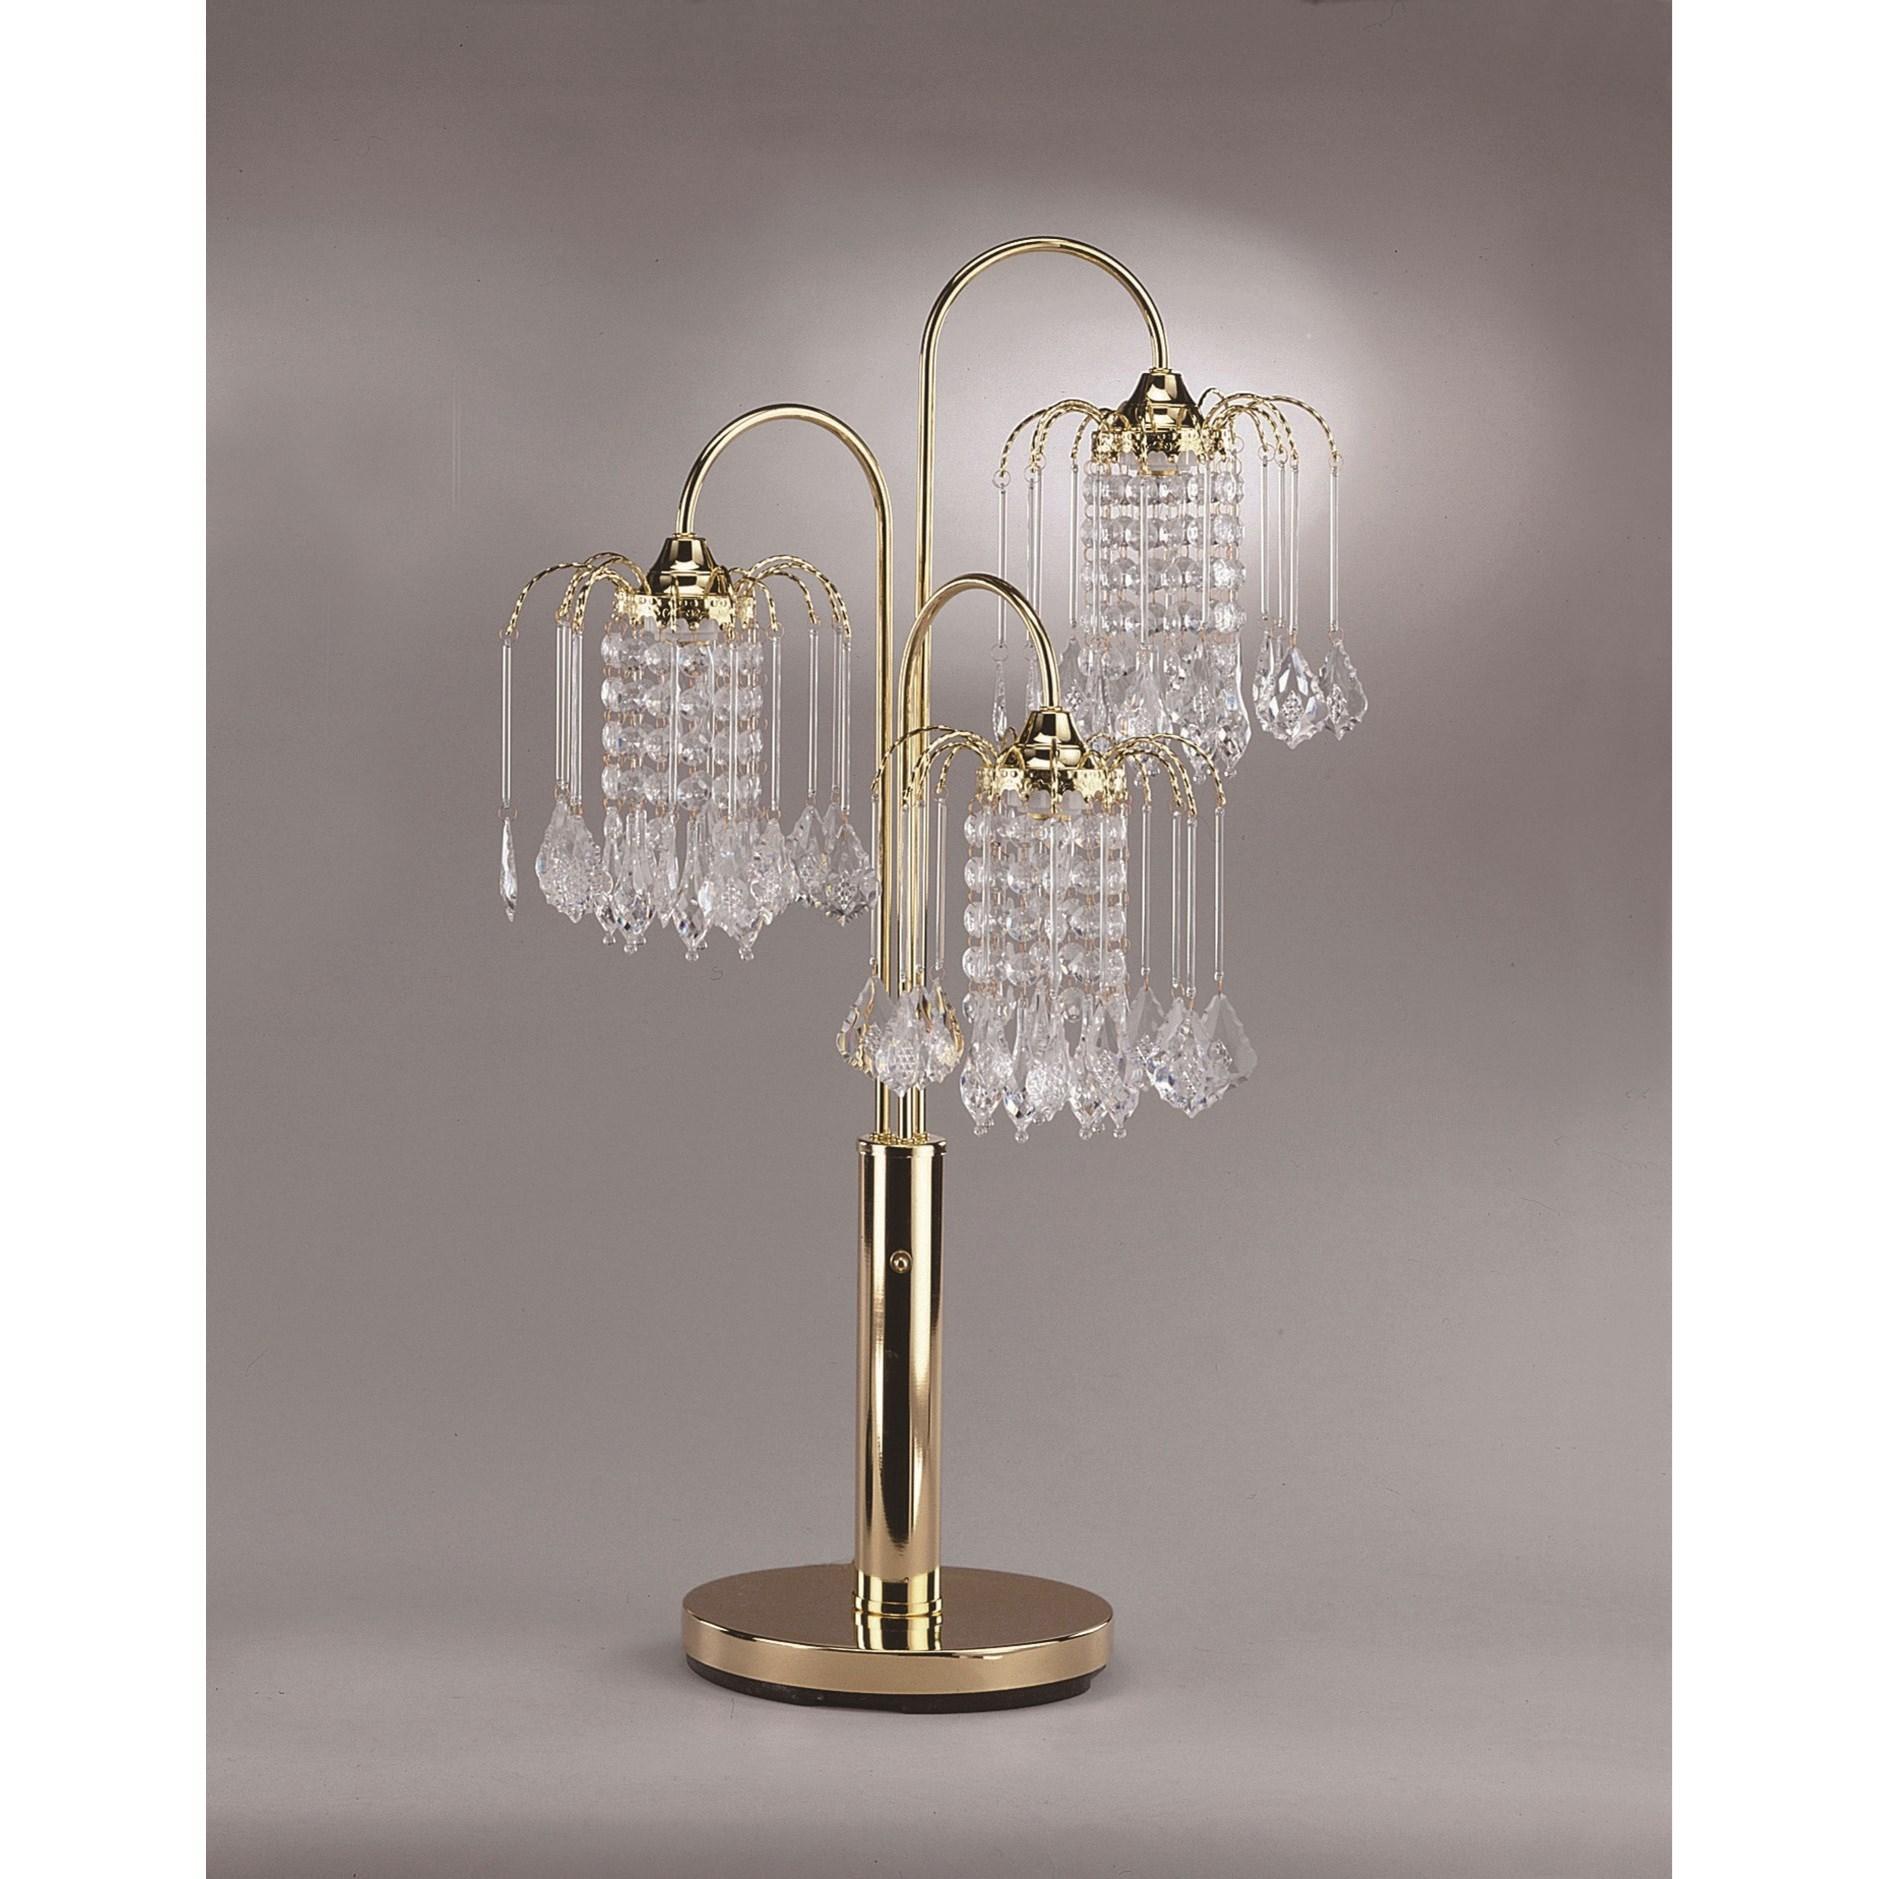 Rain Table Lamp by Crown Mark at Bullard Furniture